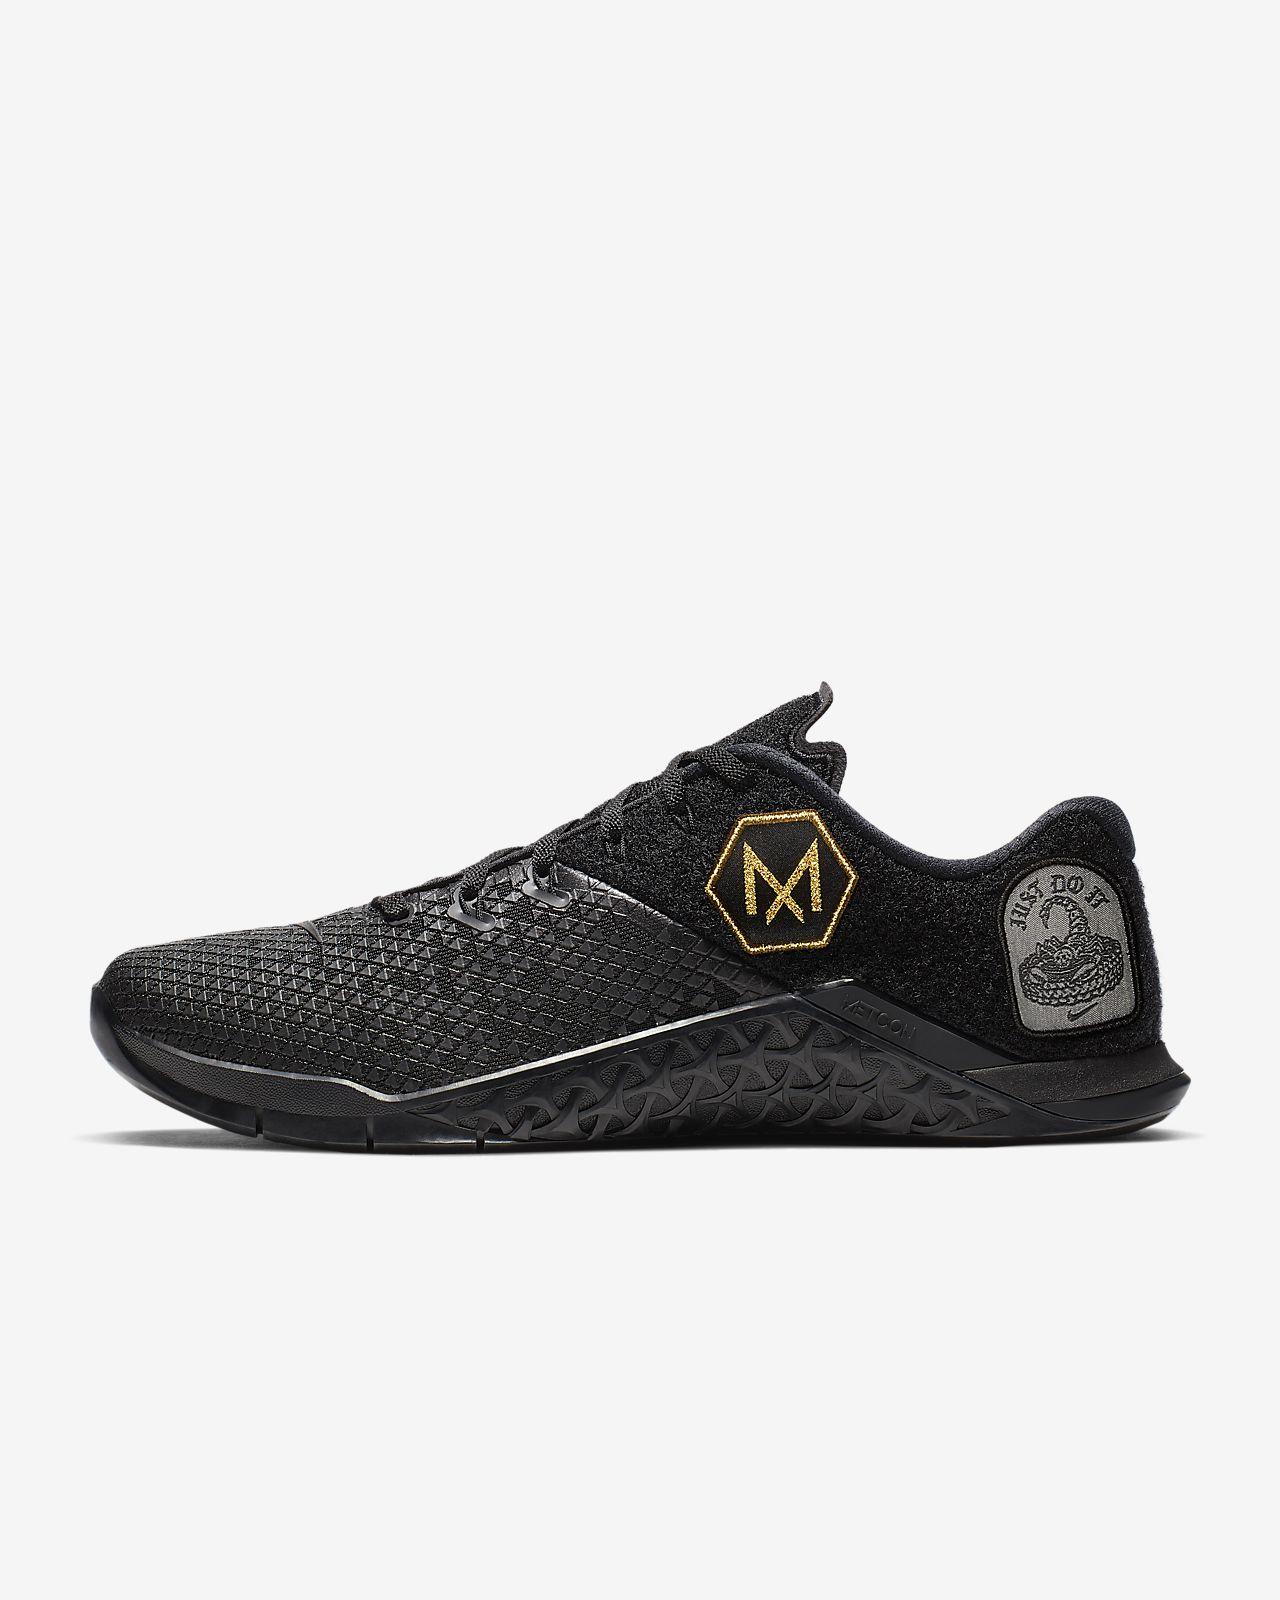 f0413962787 Nike Metcon 4 XD Patch-træningssko til mænd. Nike.com DK